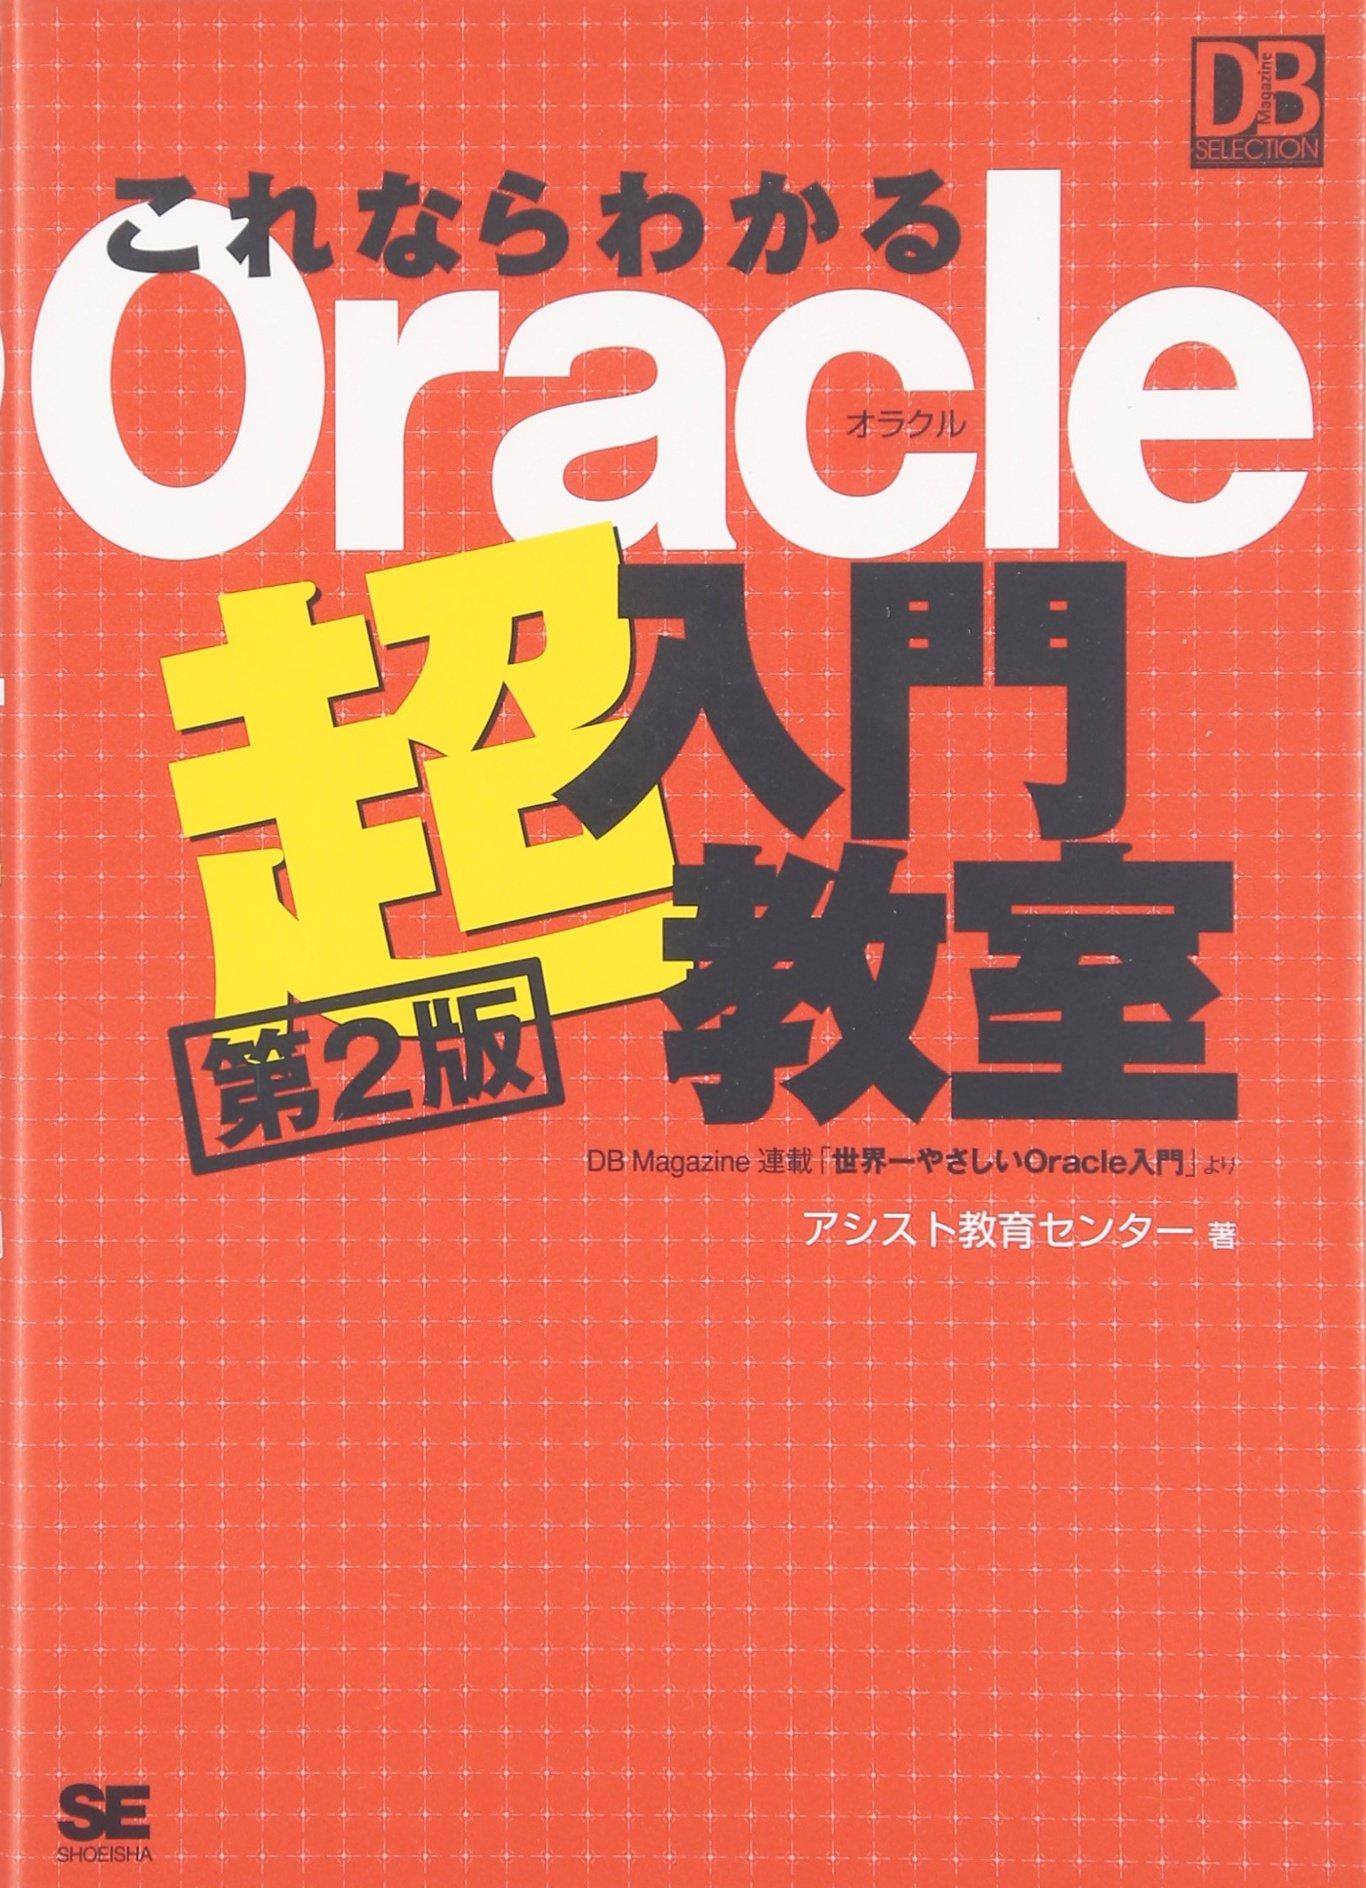 これならわかる oracle 超入門教室 第2版 db magazine selection